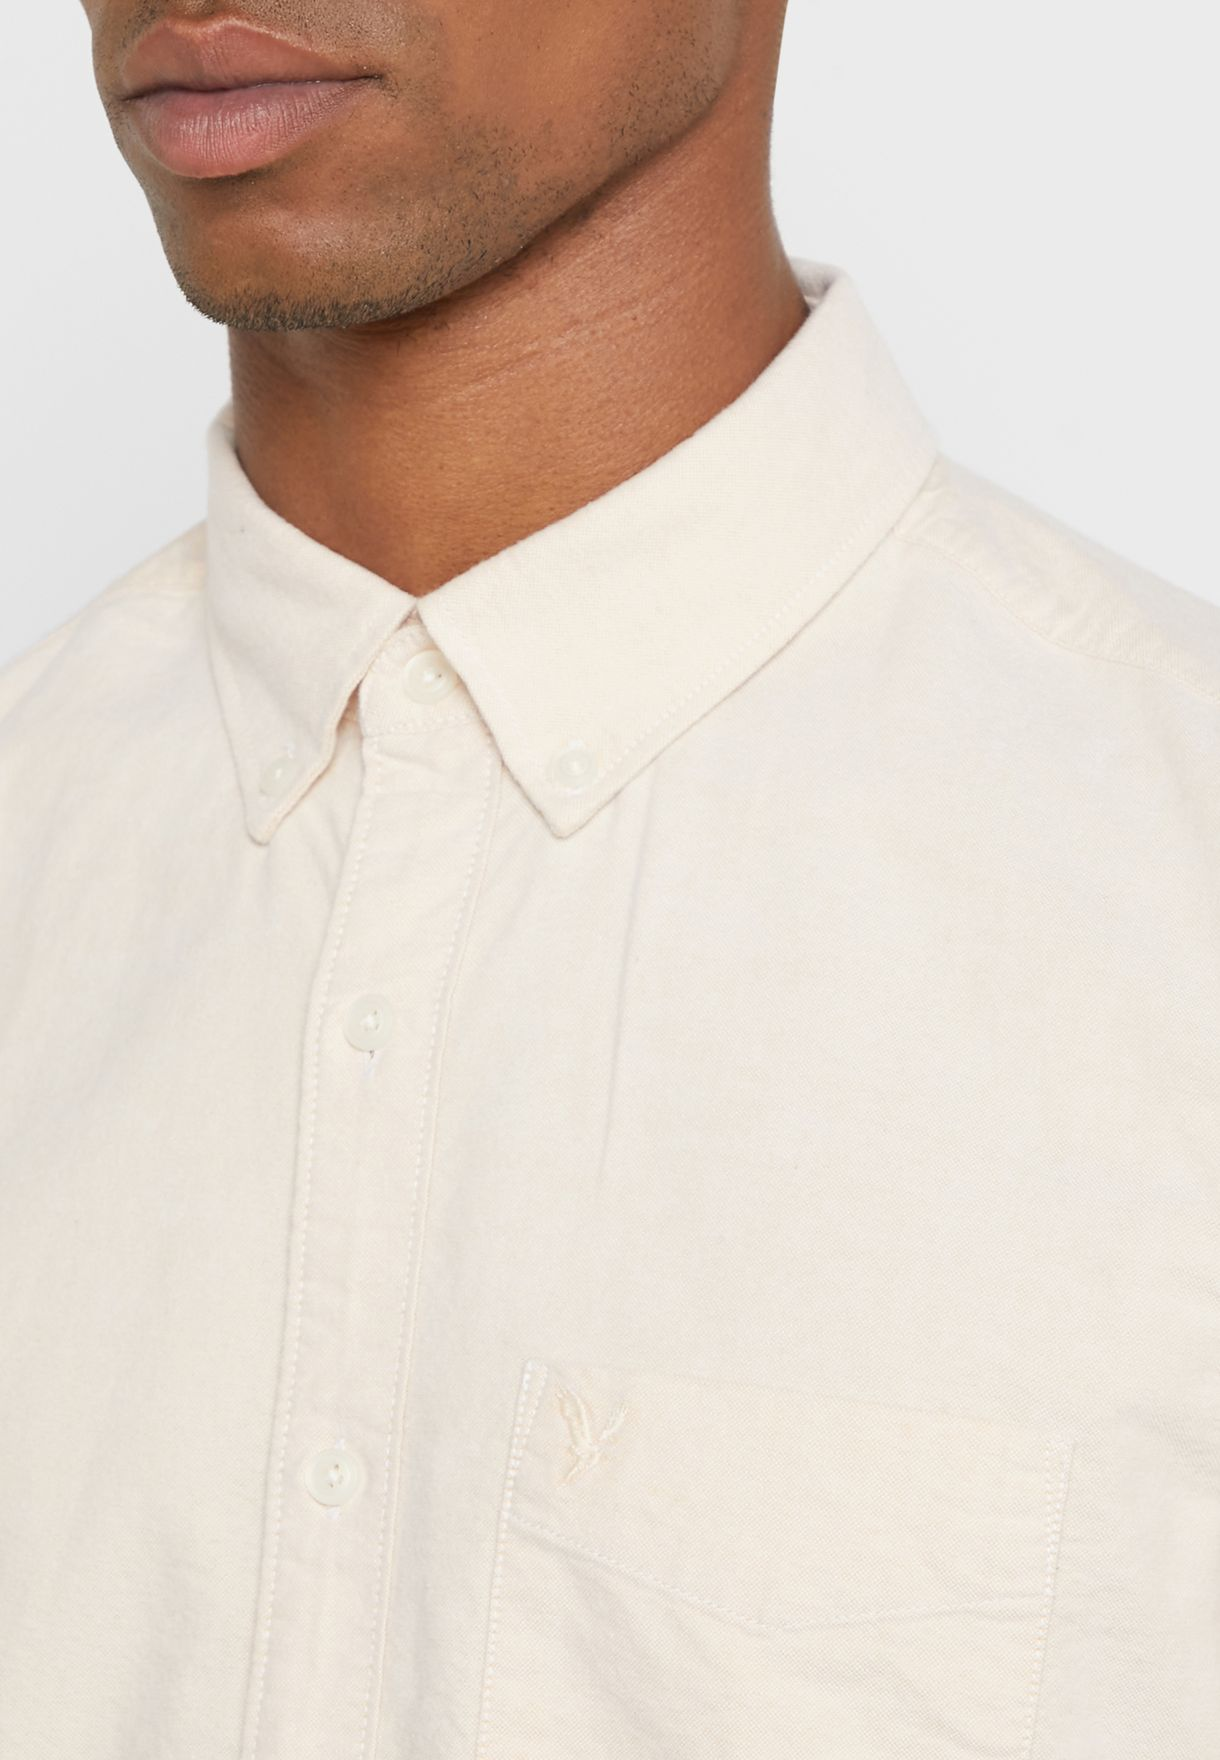 قميص اوكسفورد سليم فت